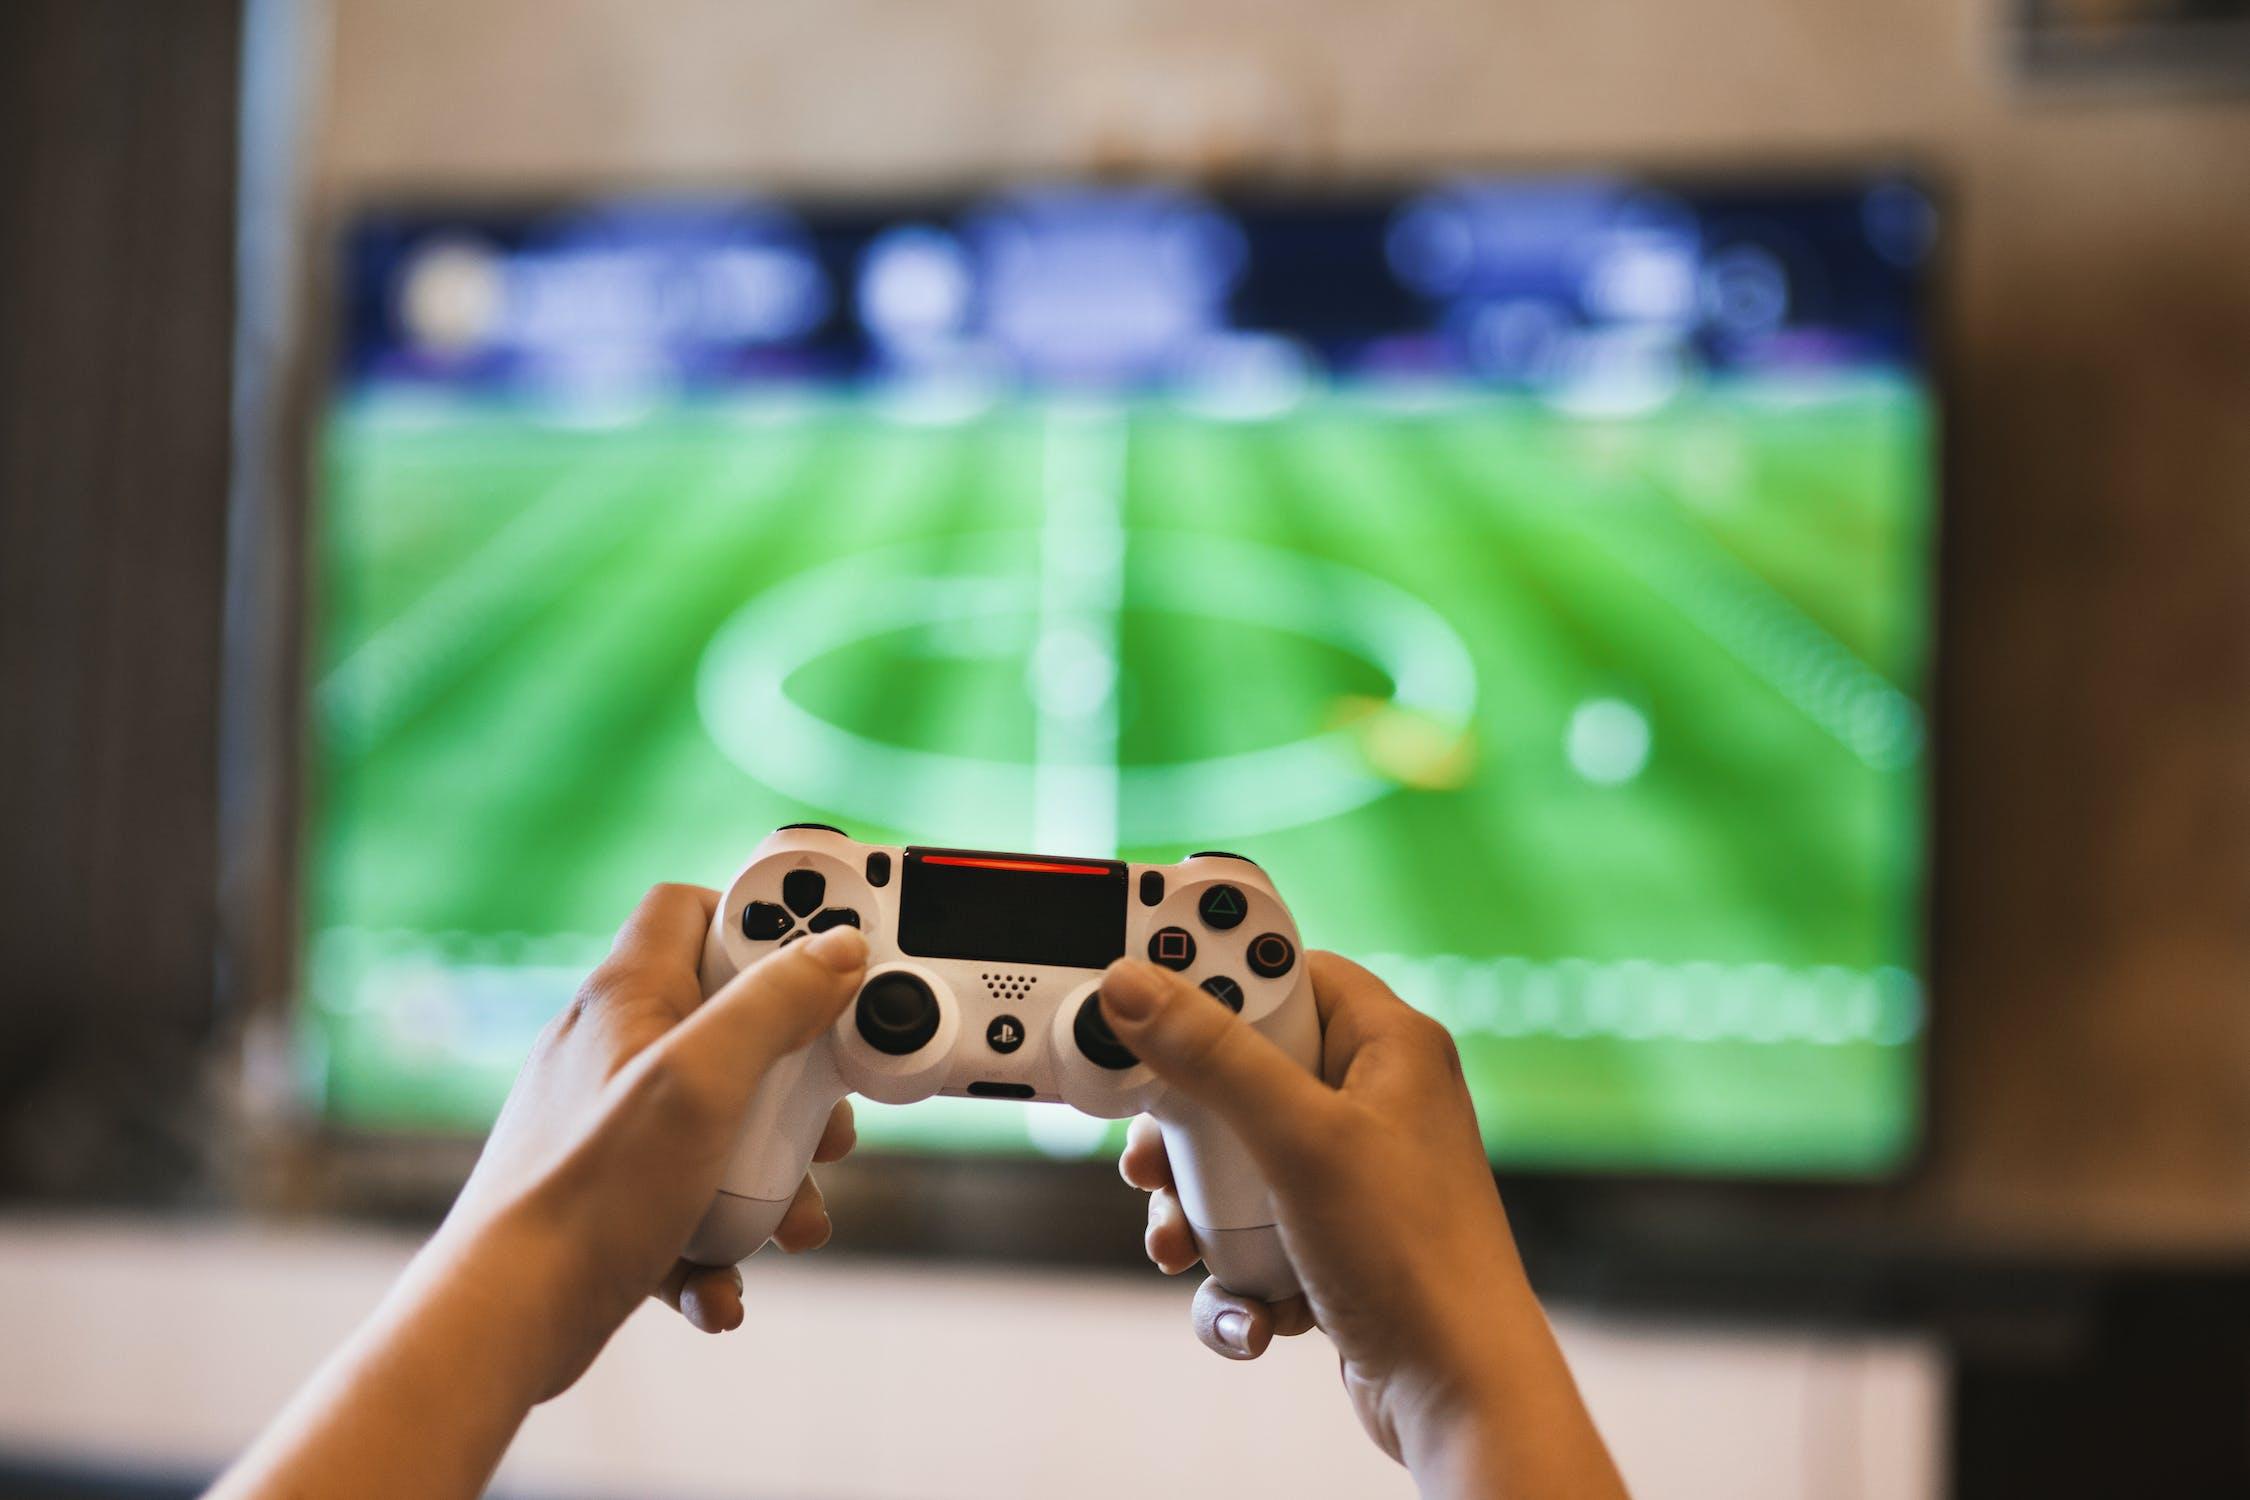 大学受験を控えた受験生がゲームをしてもいいのか?